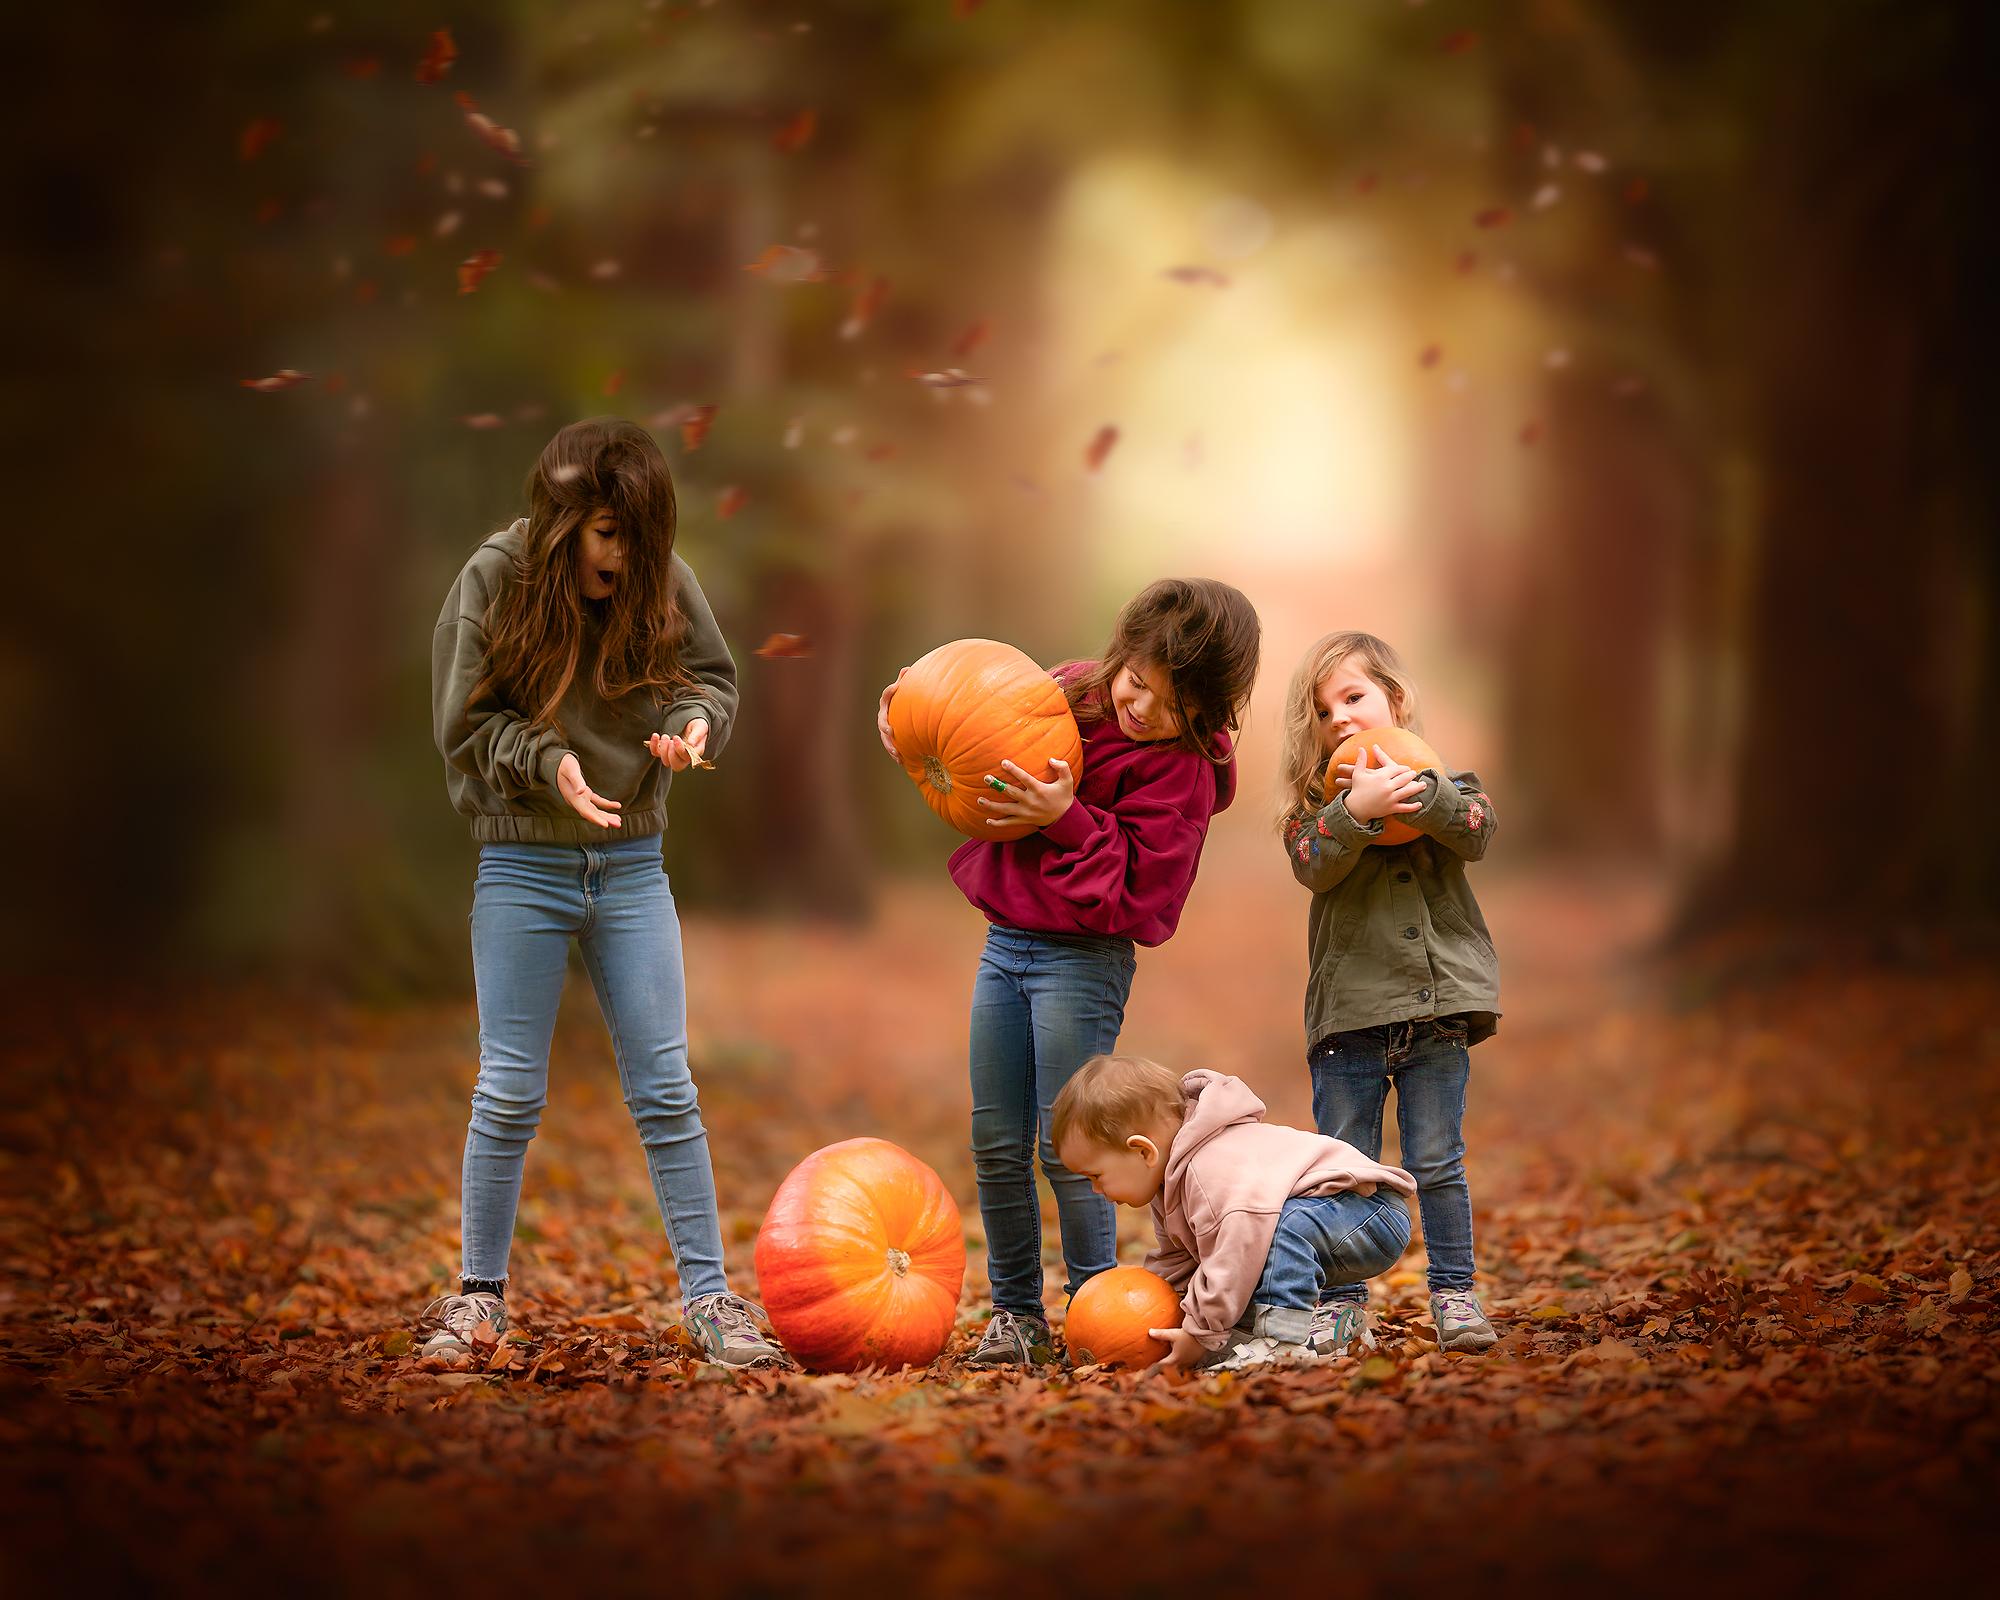 herfst foto van 4 kinderen en een pompoen in het bos door natuurlijk licht fotograaf willie kers uit Apeldoorn